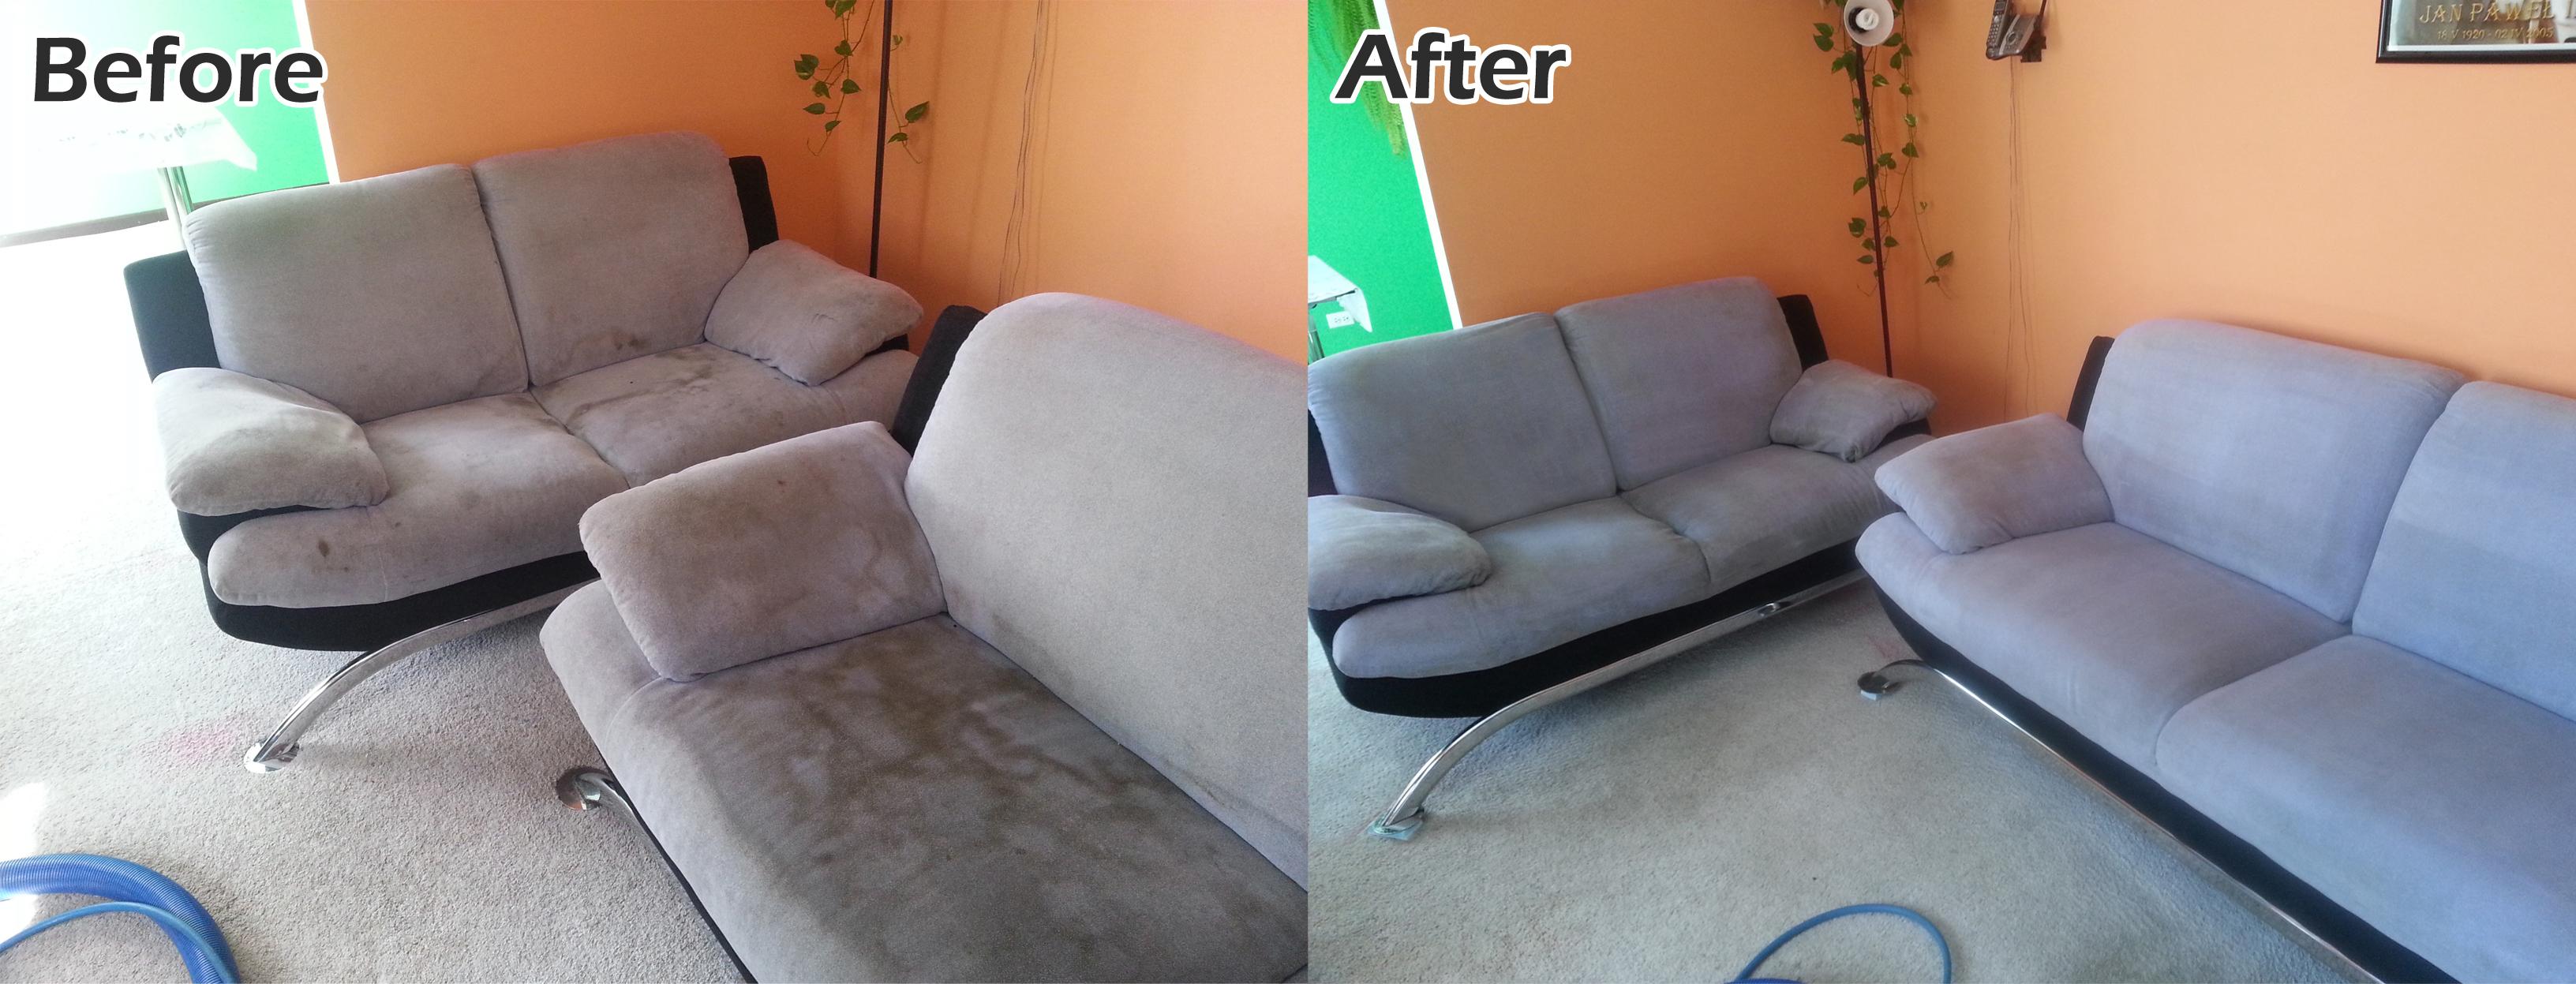 M&M Carpet care